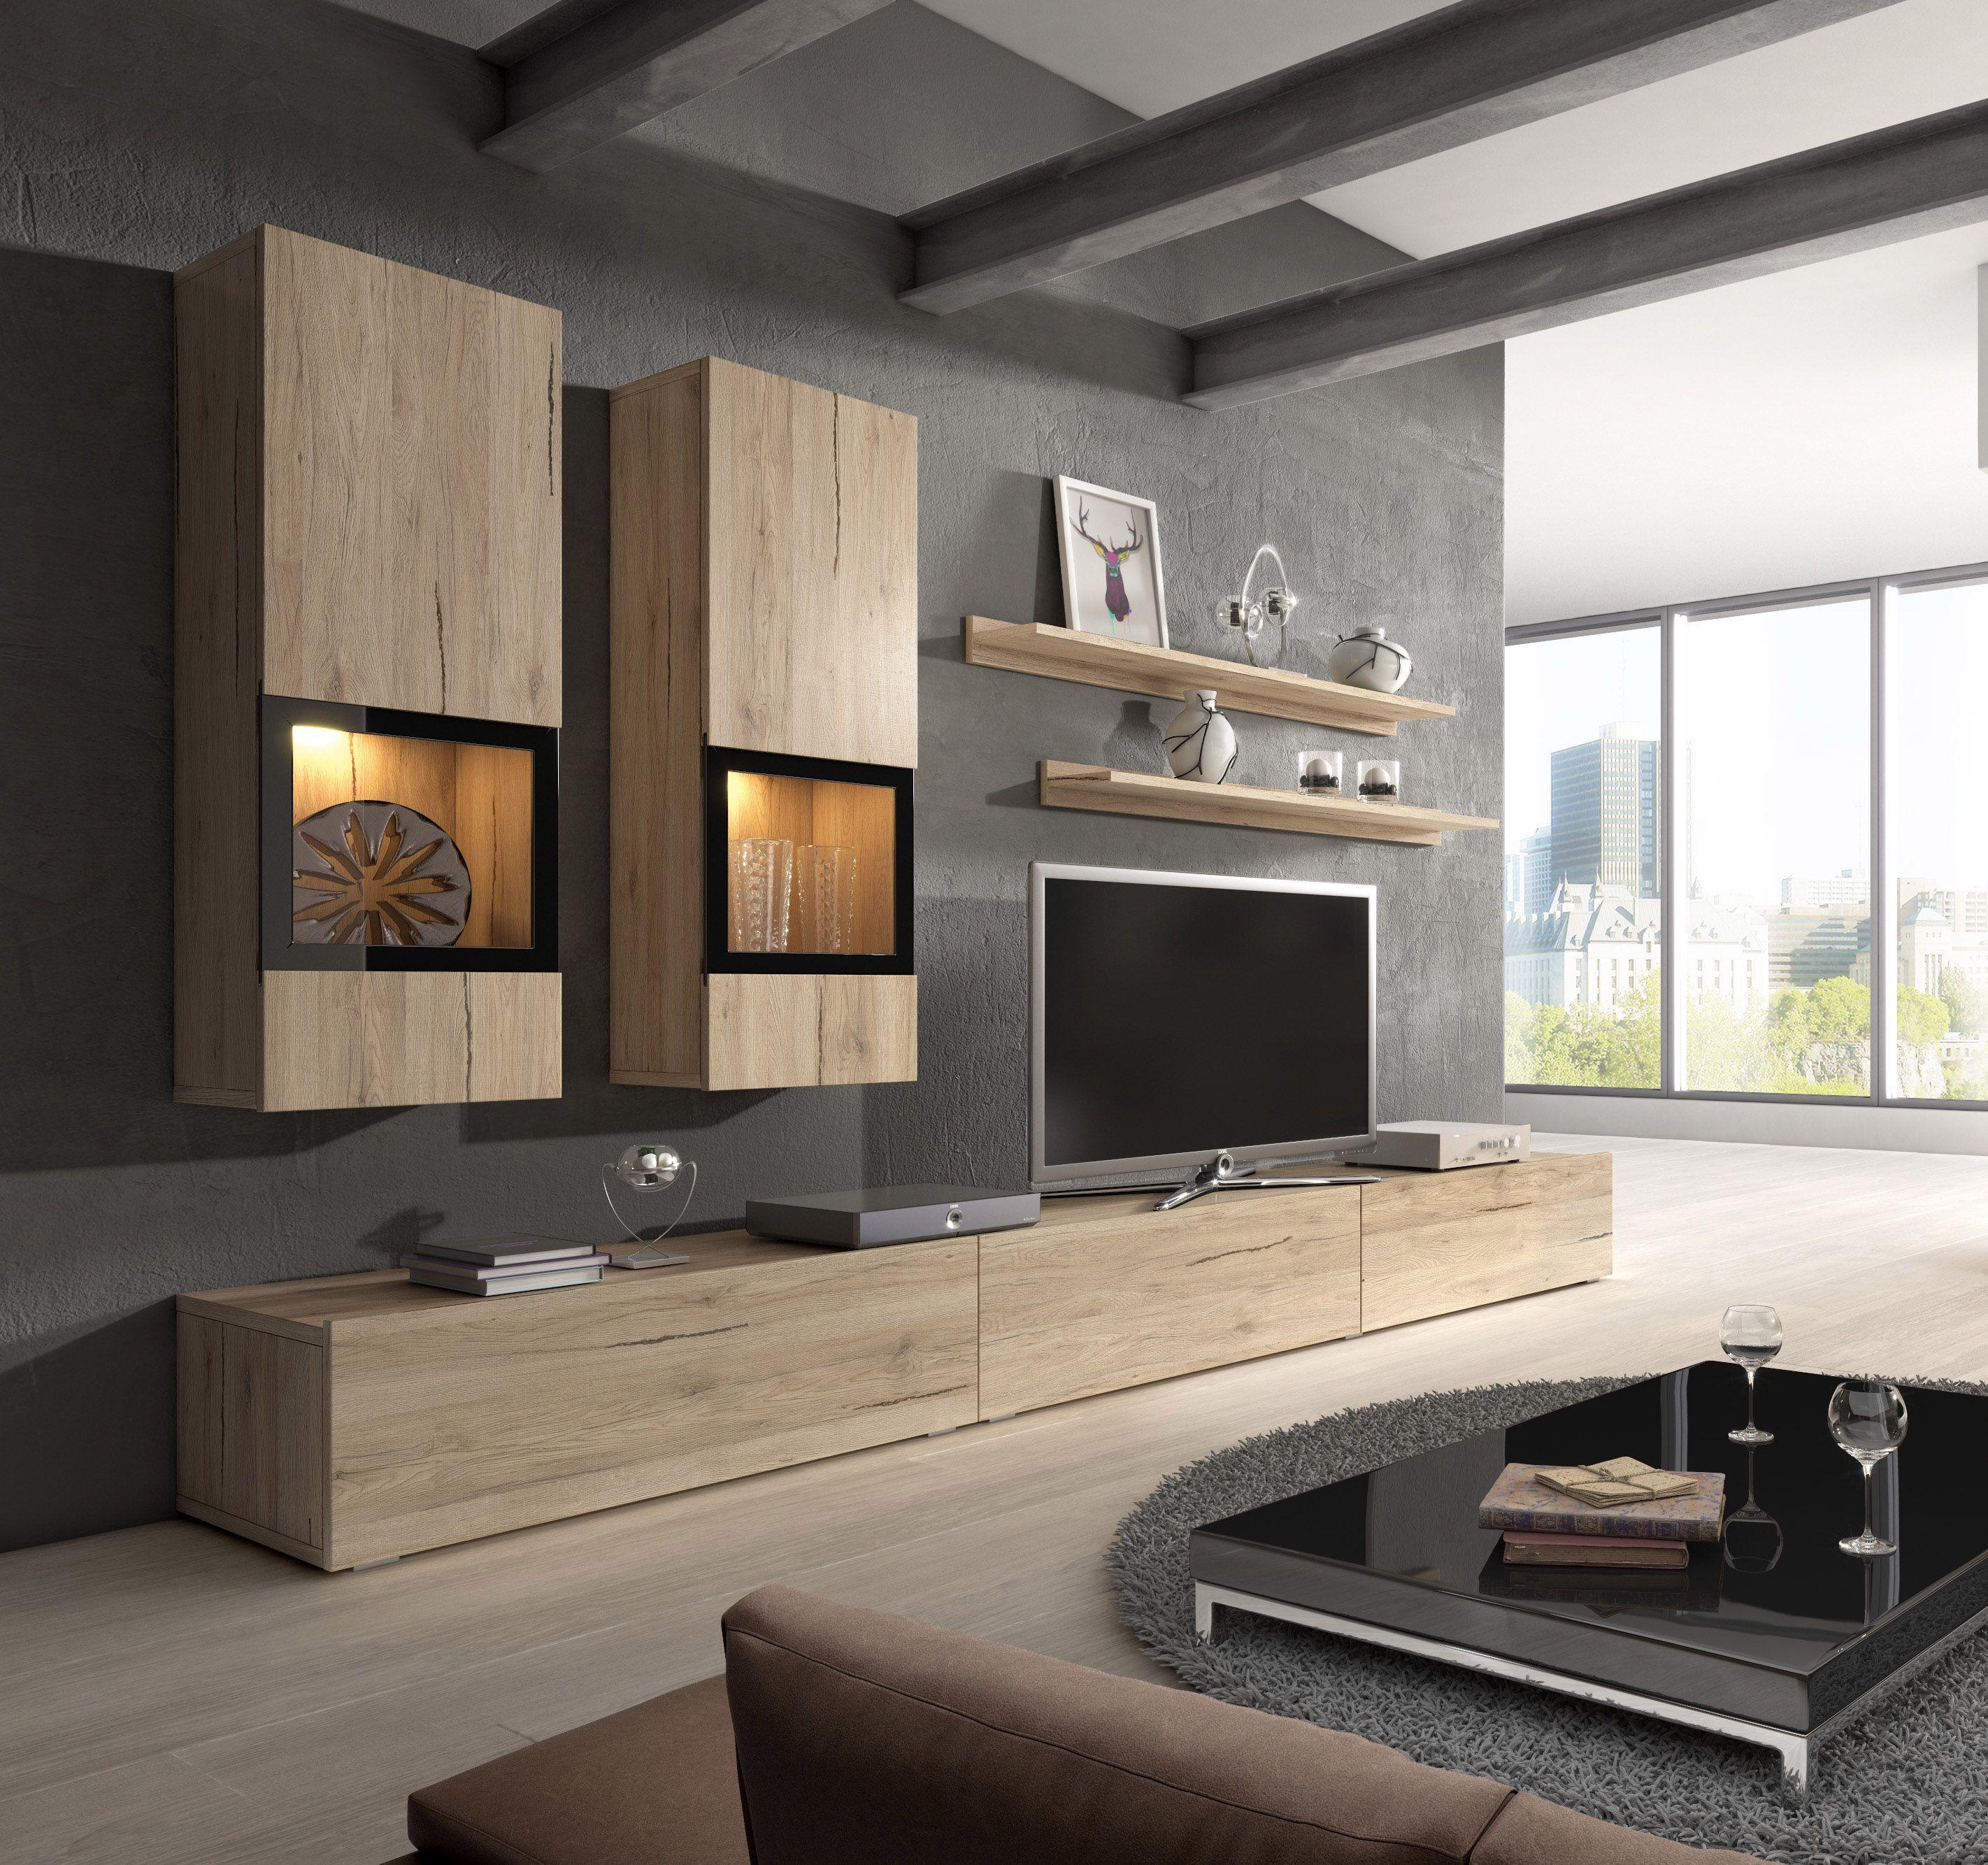 Ongekend Baros eik - zwevend tv | Kast woonkamer modern, Hedendaagse PP-96